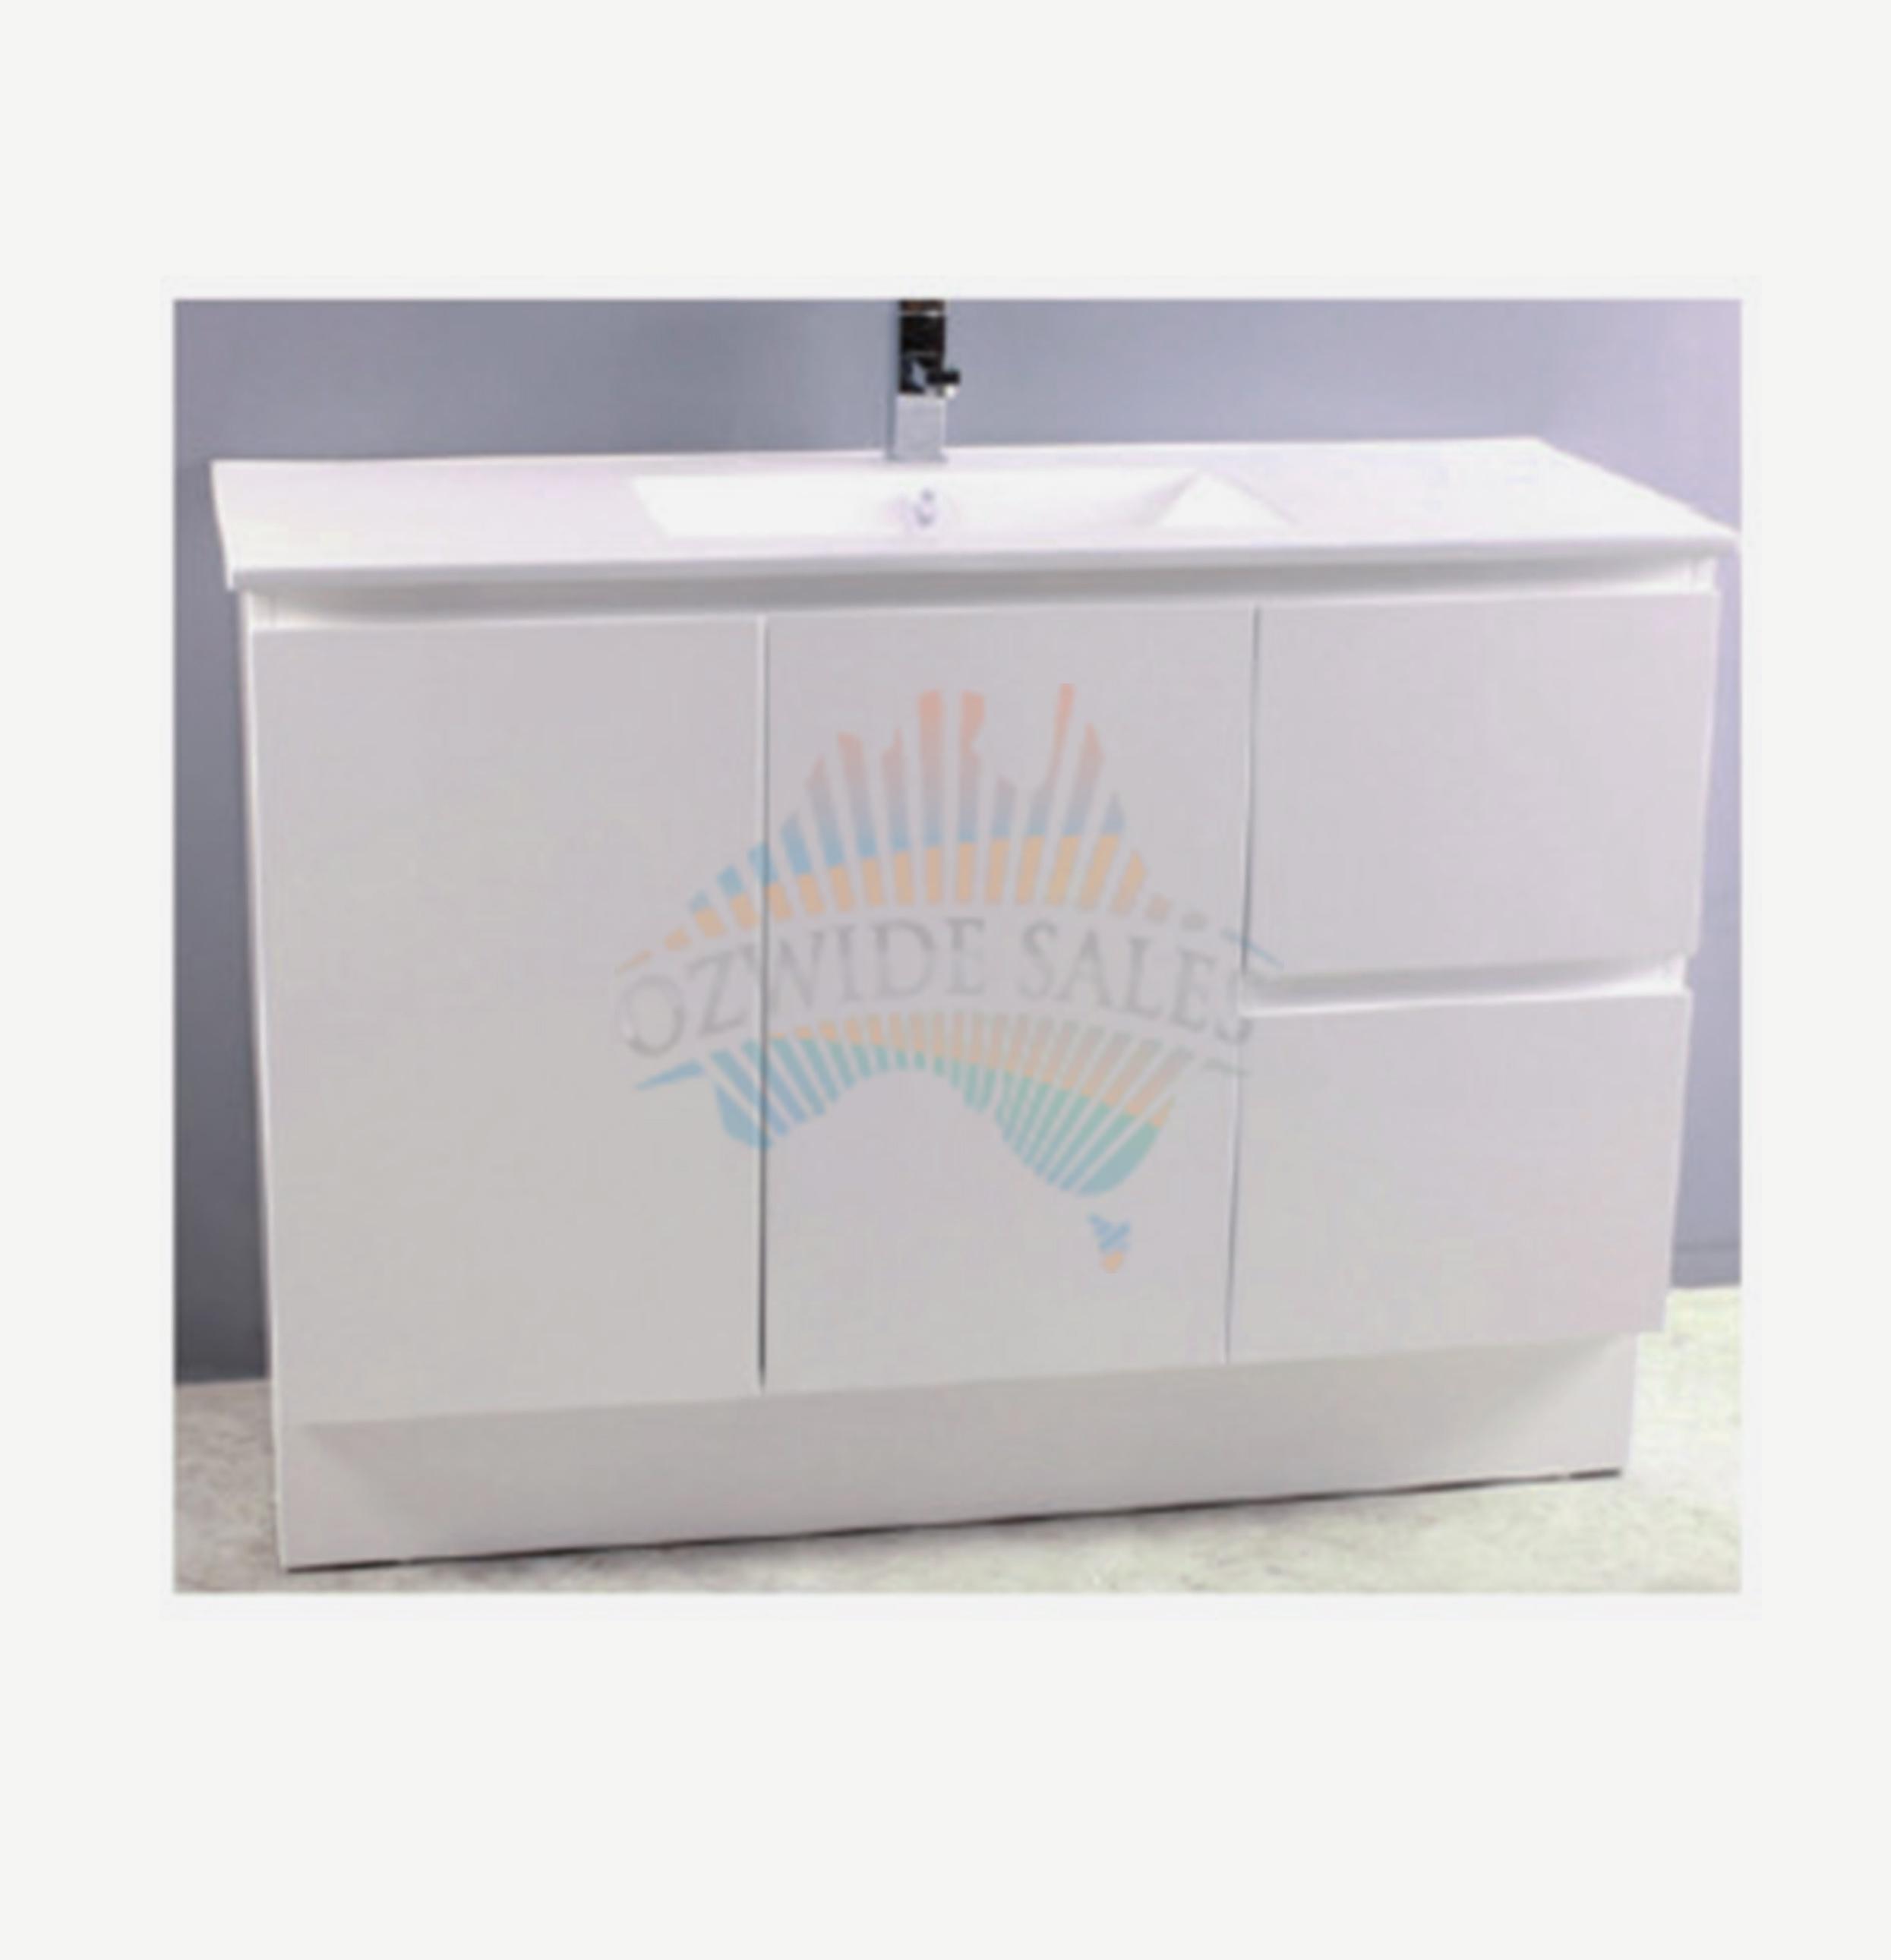 Bathroom vanity 1200 - Bathroom Vanity 1200 Mm White Gloss Slim Top Basin Soft Closing Drawers Doors Ozwide Sales Pty Ltd